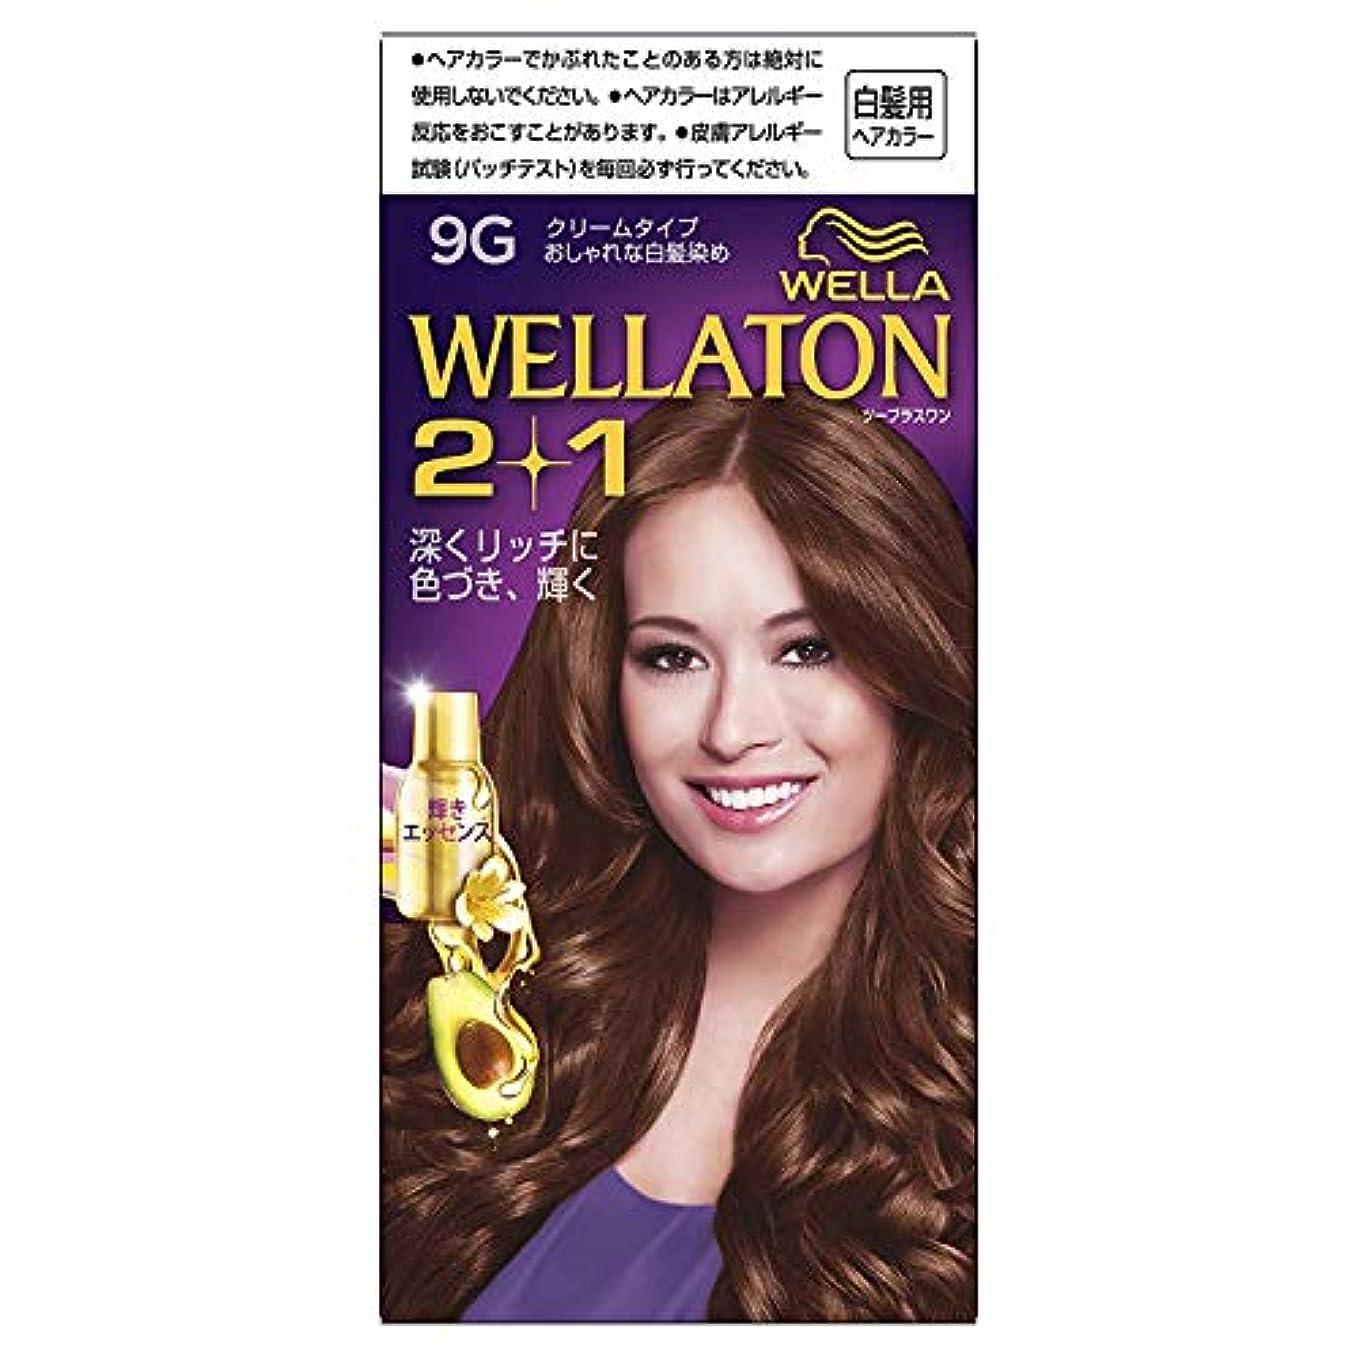 意気揚々才能切手ウエラトーン2+1 クリームタイプ 9G [医薬部外品] ×6個